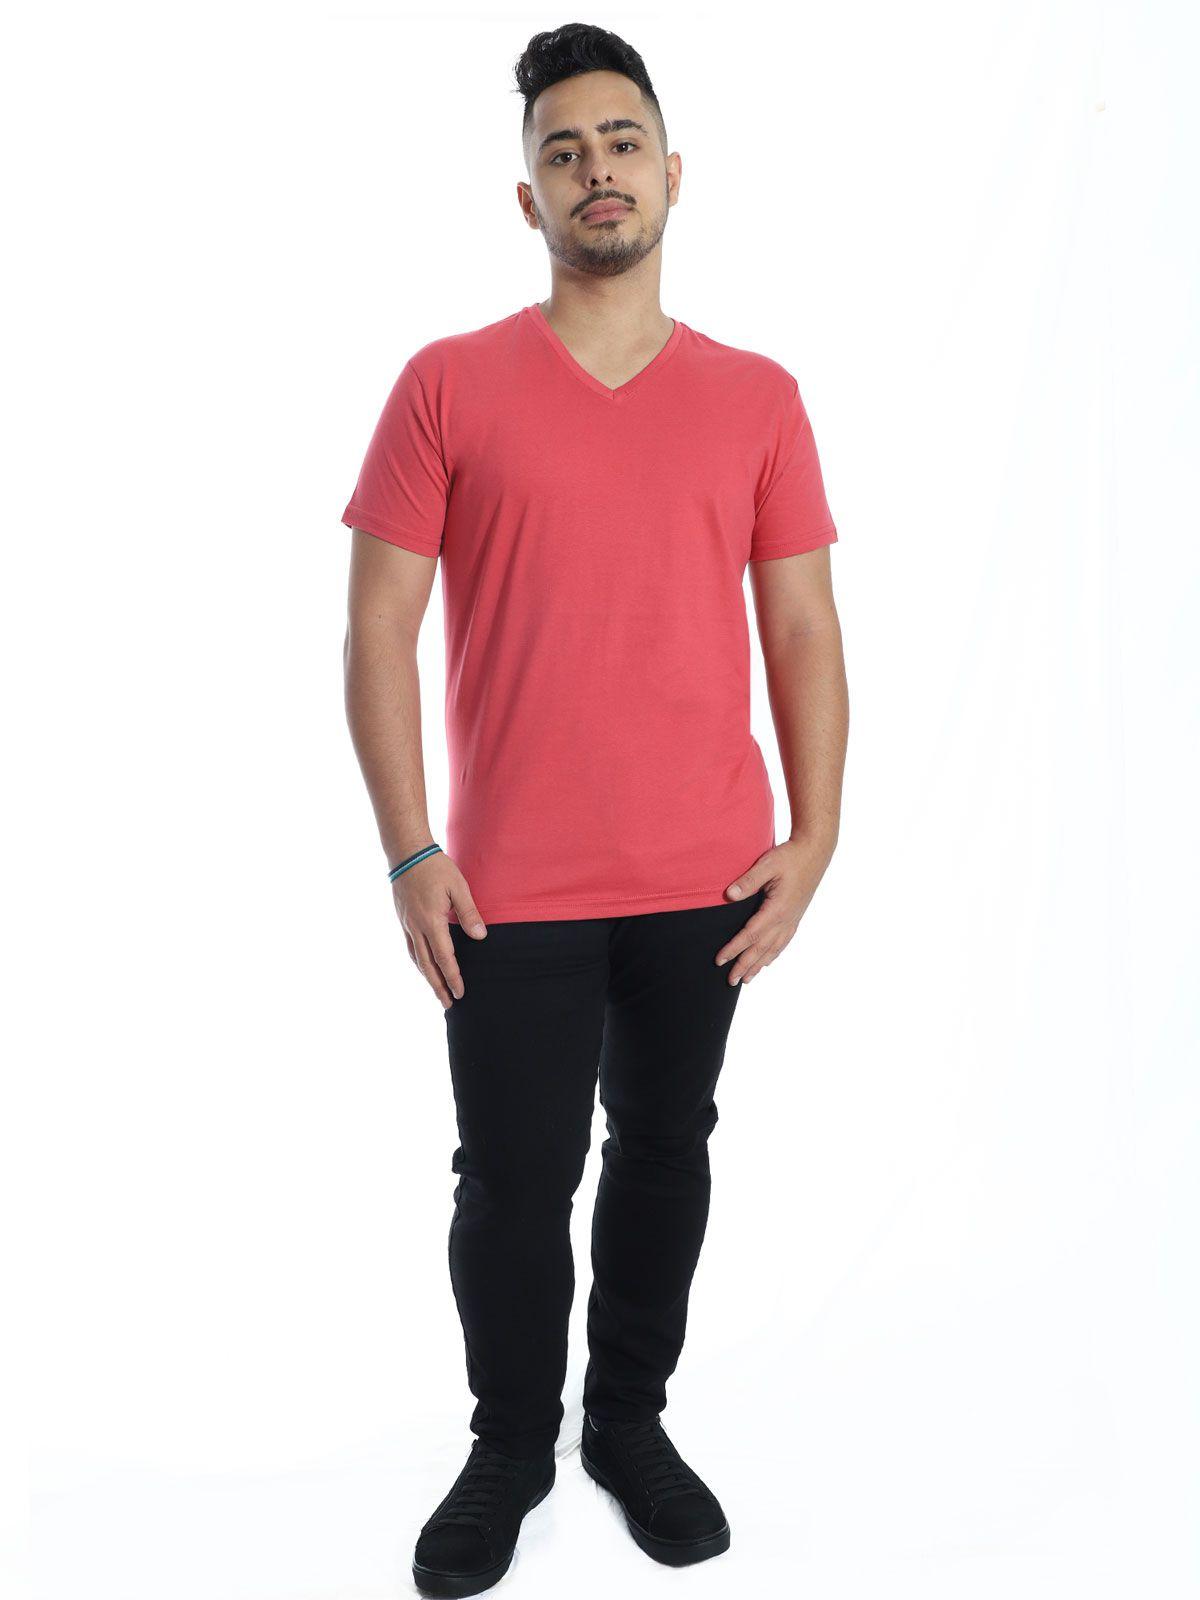 Camiseta Masculina Decote V. Algodão Slim Fit Lisa Vermelho